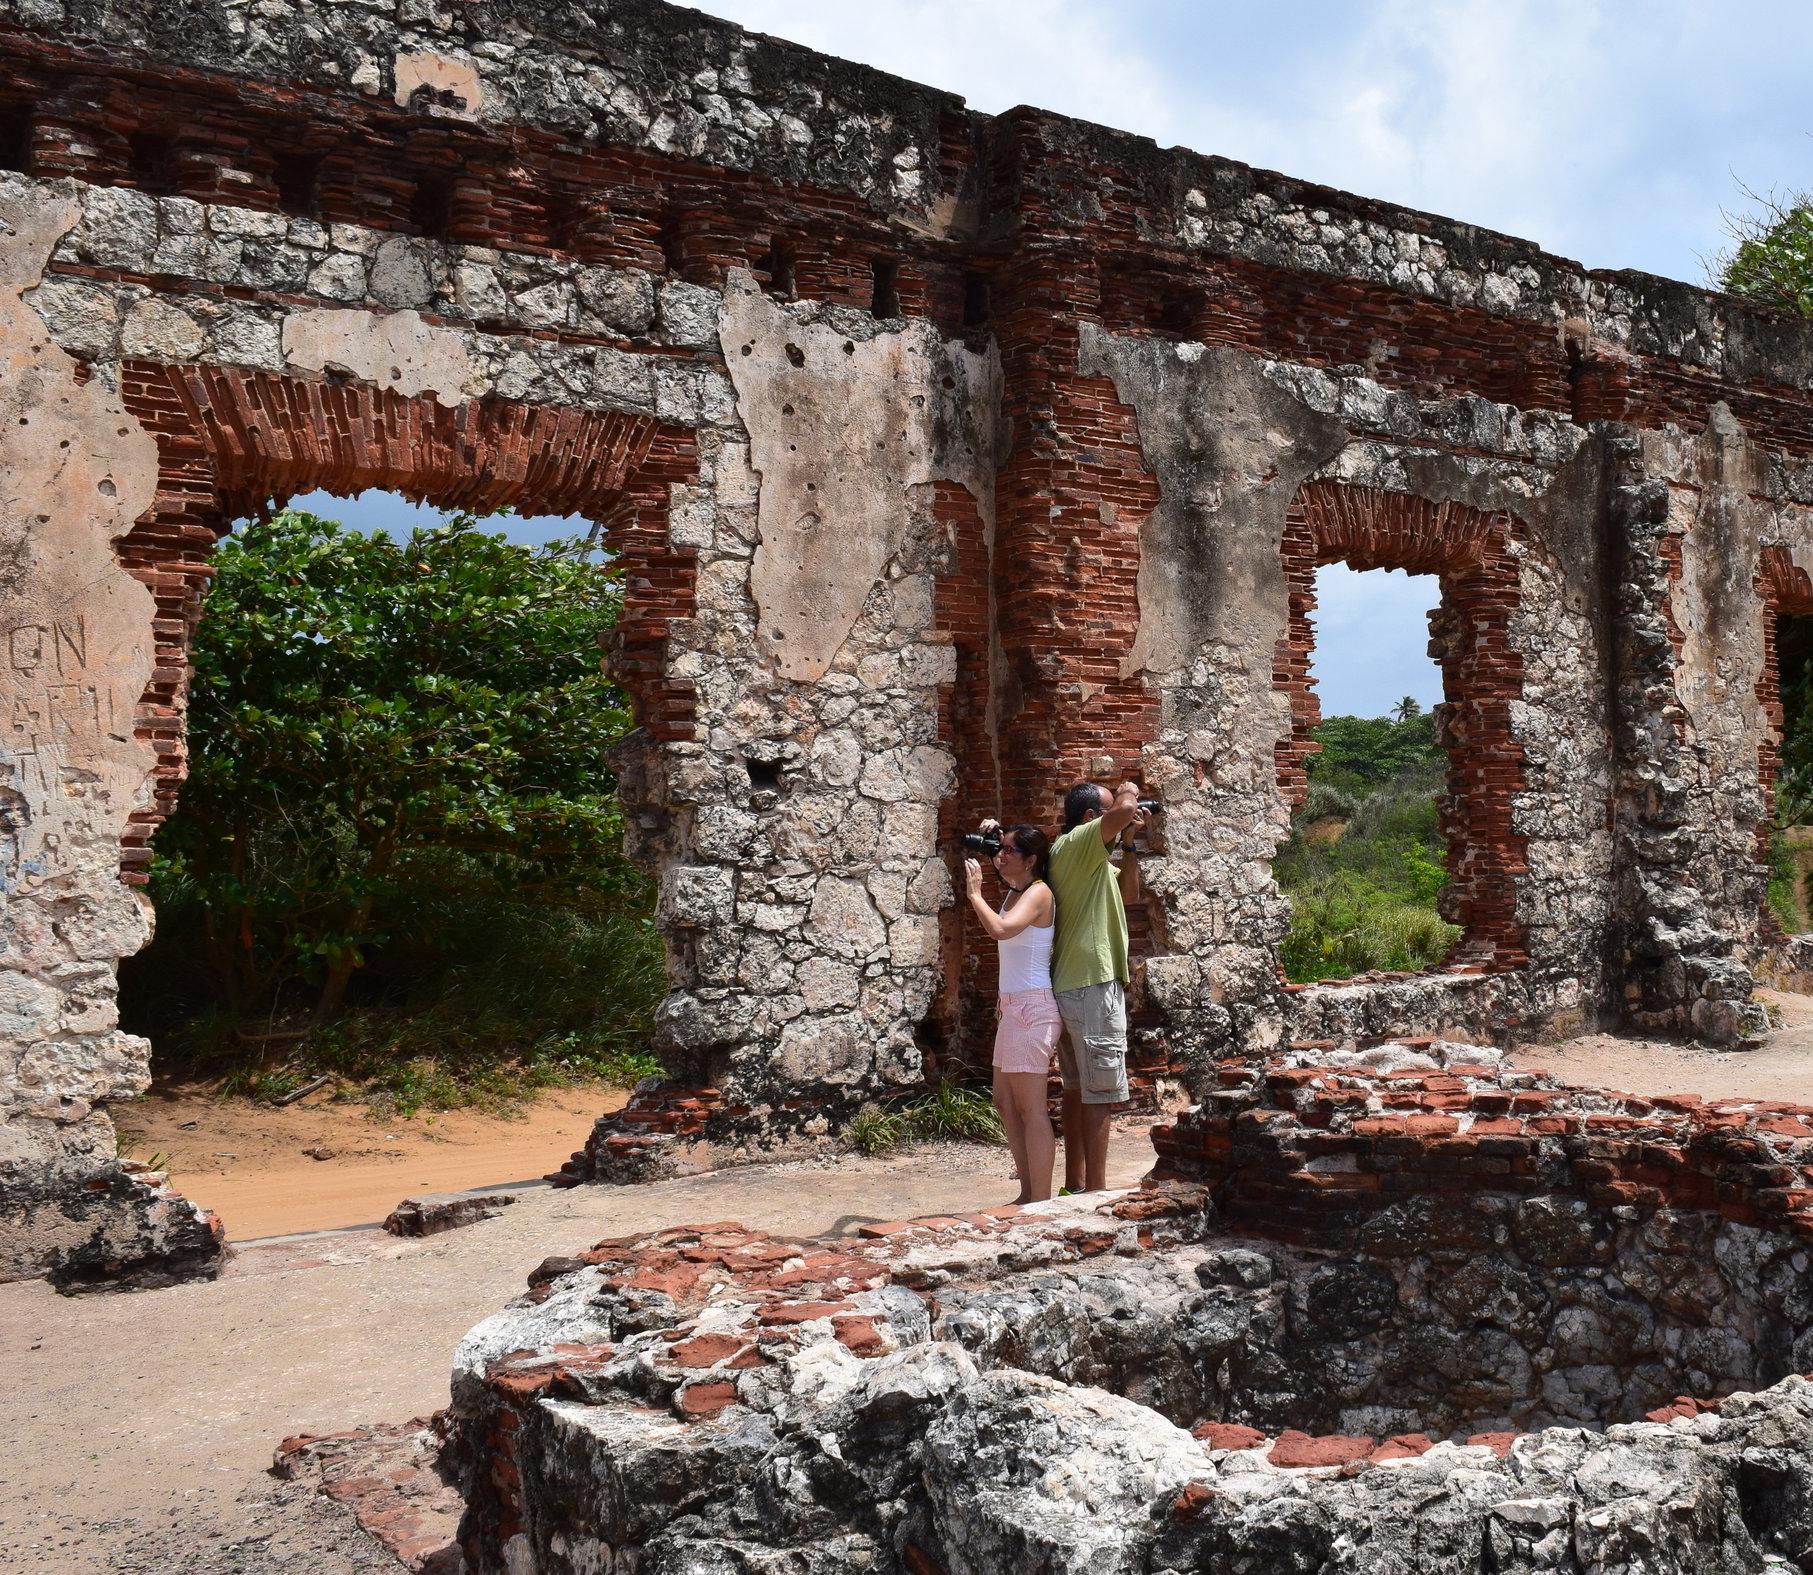 El camino de arena por la costa nos llevó hasta las ruinas del faro La Ponderosa. Esta edificación colonial fue inaugurada en 1889. Luego, destruida por el terremoto de San Fermín en 1918. Foto: Alejandro Rodríguez Rojas